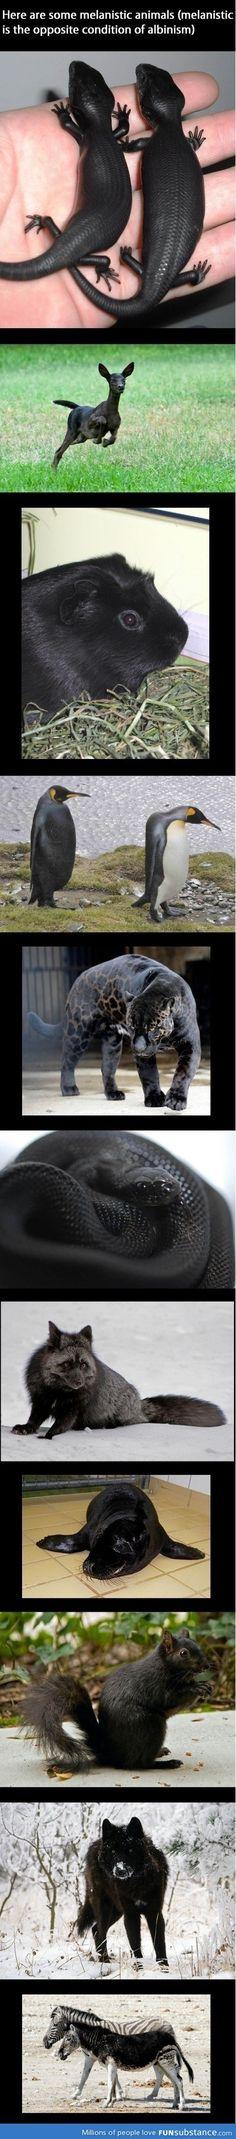 Melanistic animals